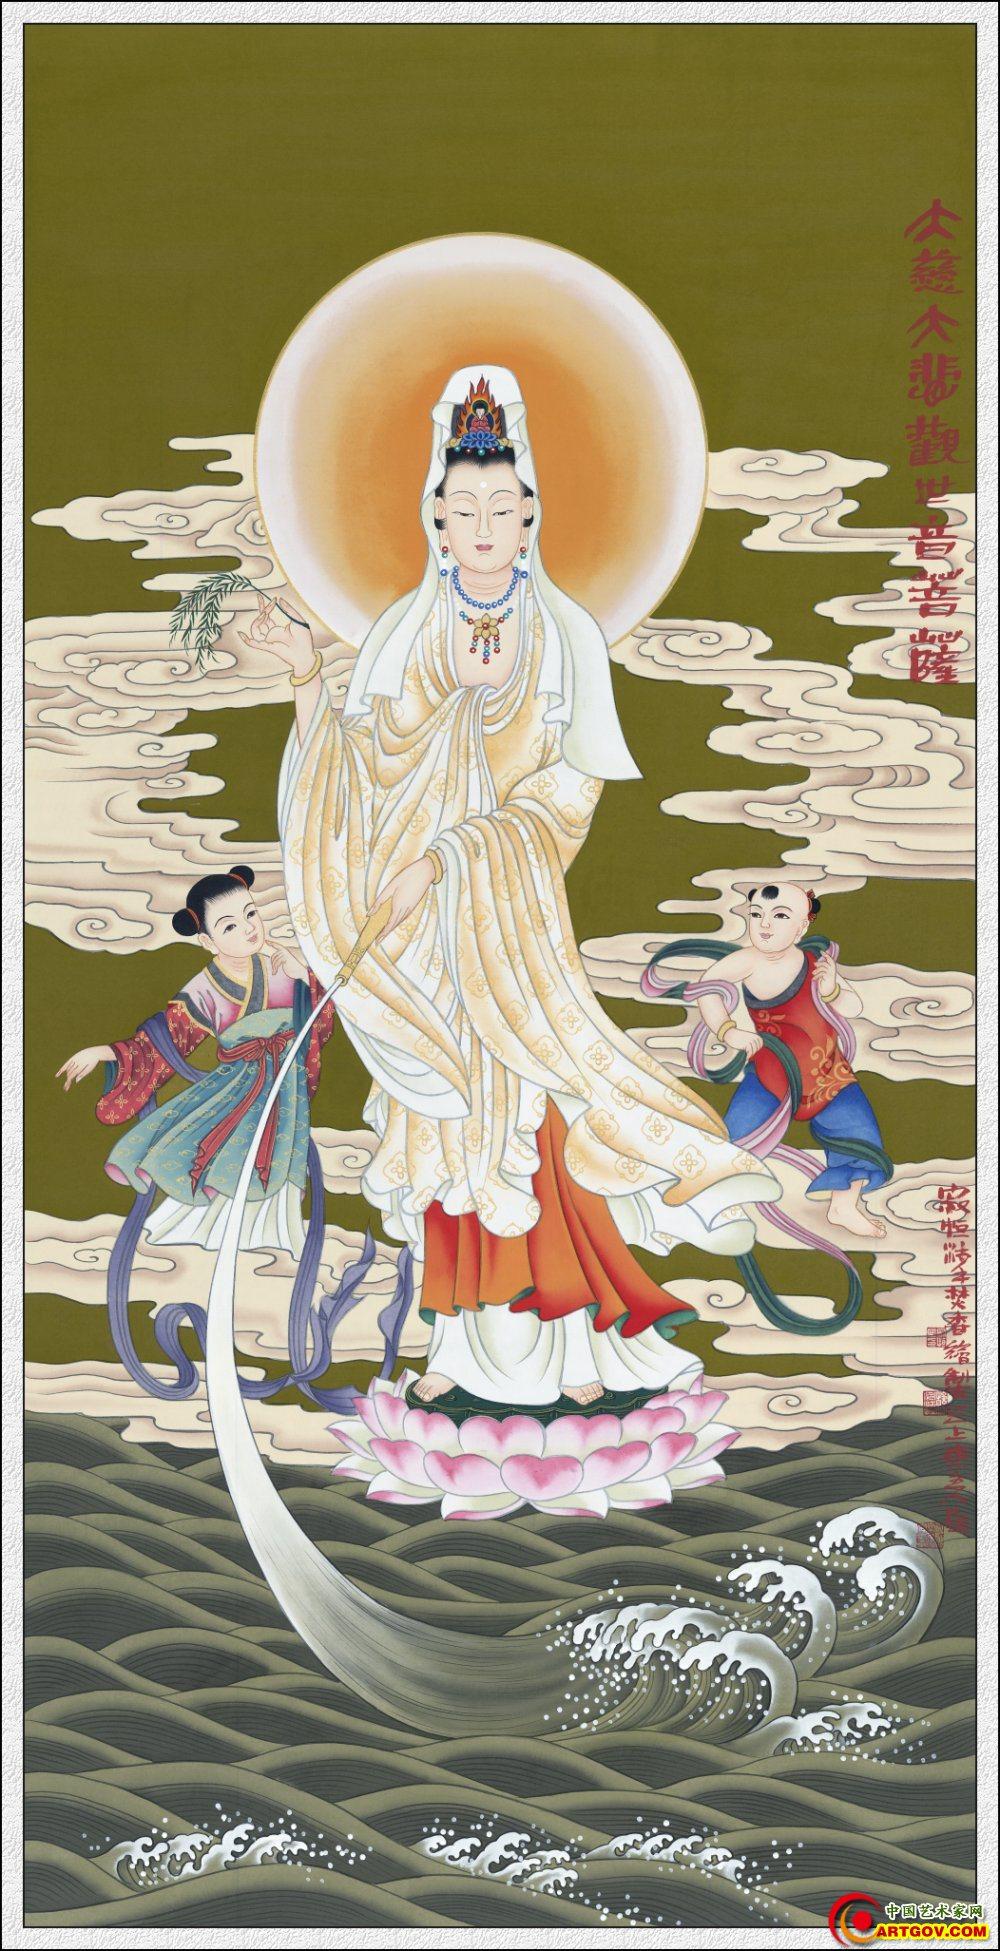 中国梦-民族文化弘扬时 测试3